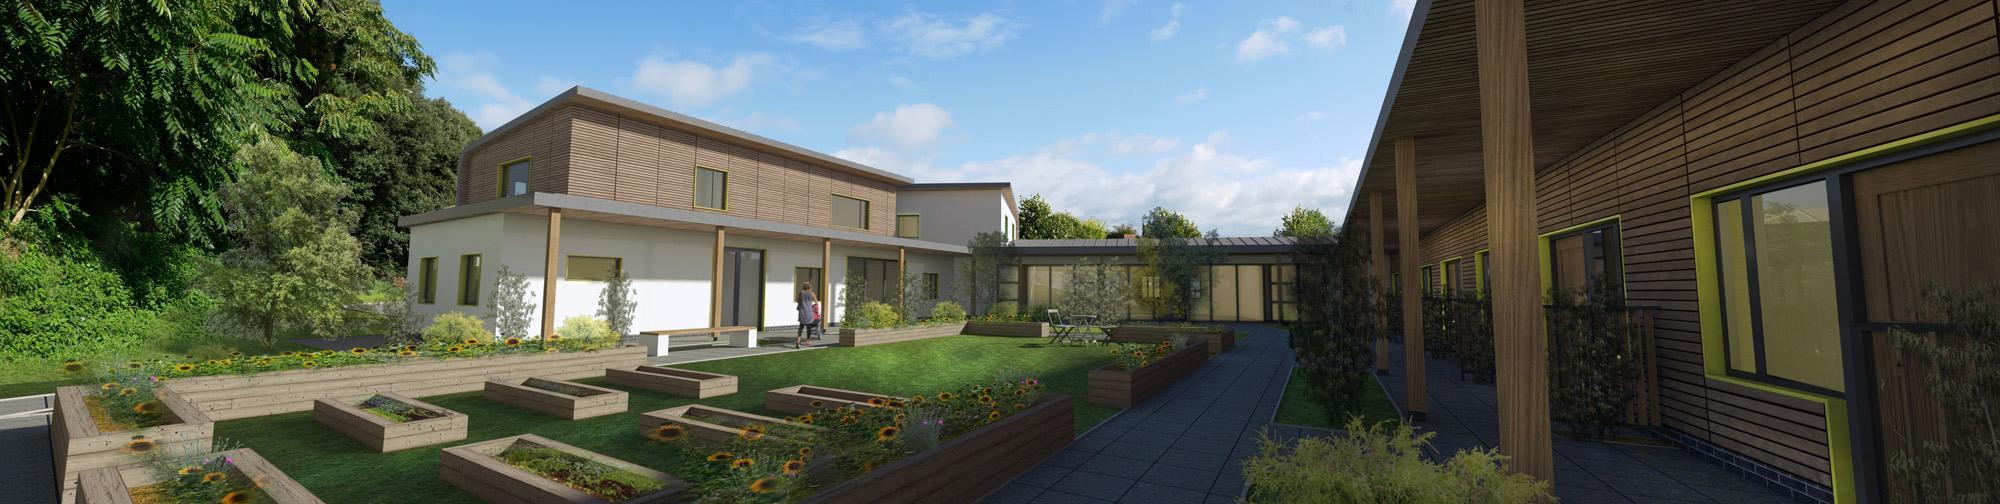 Grainge Architects - MBU 2